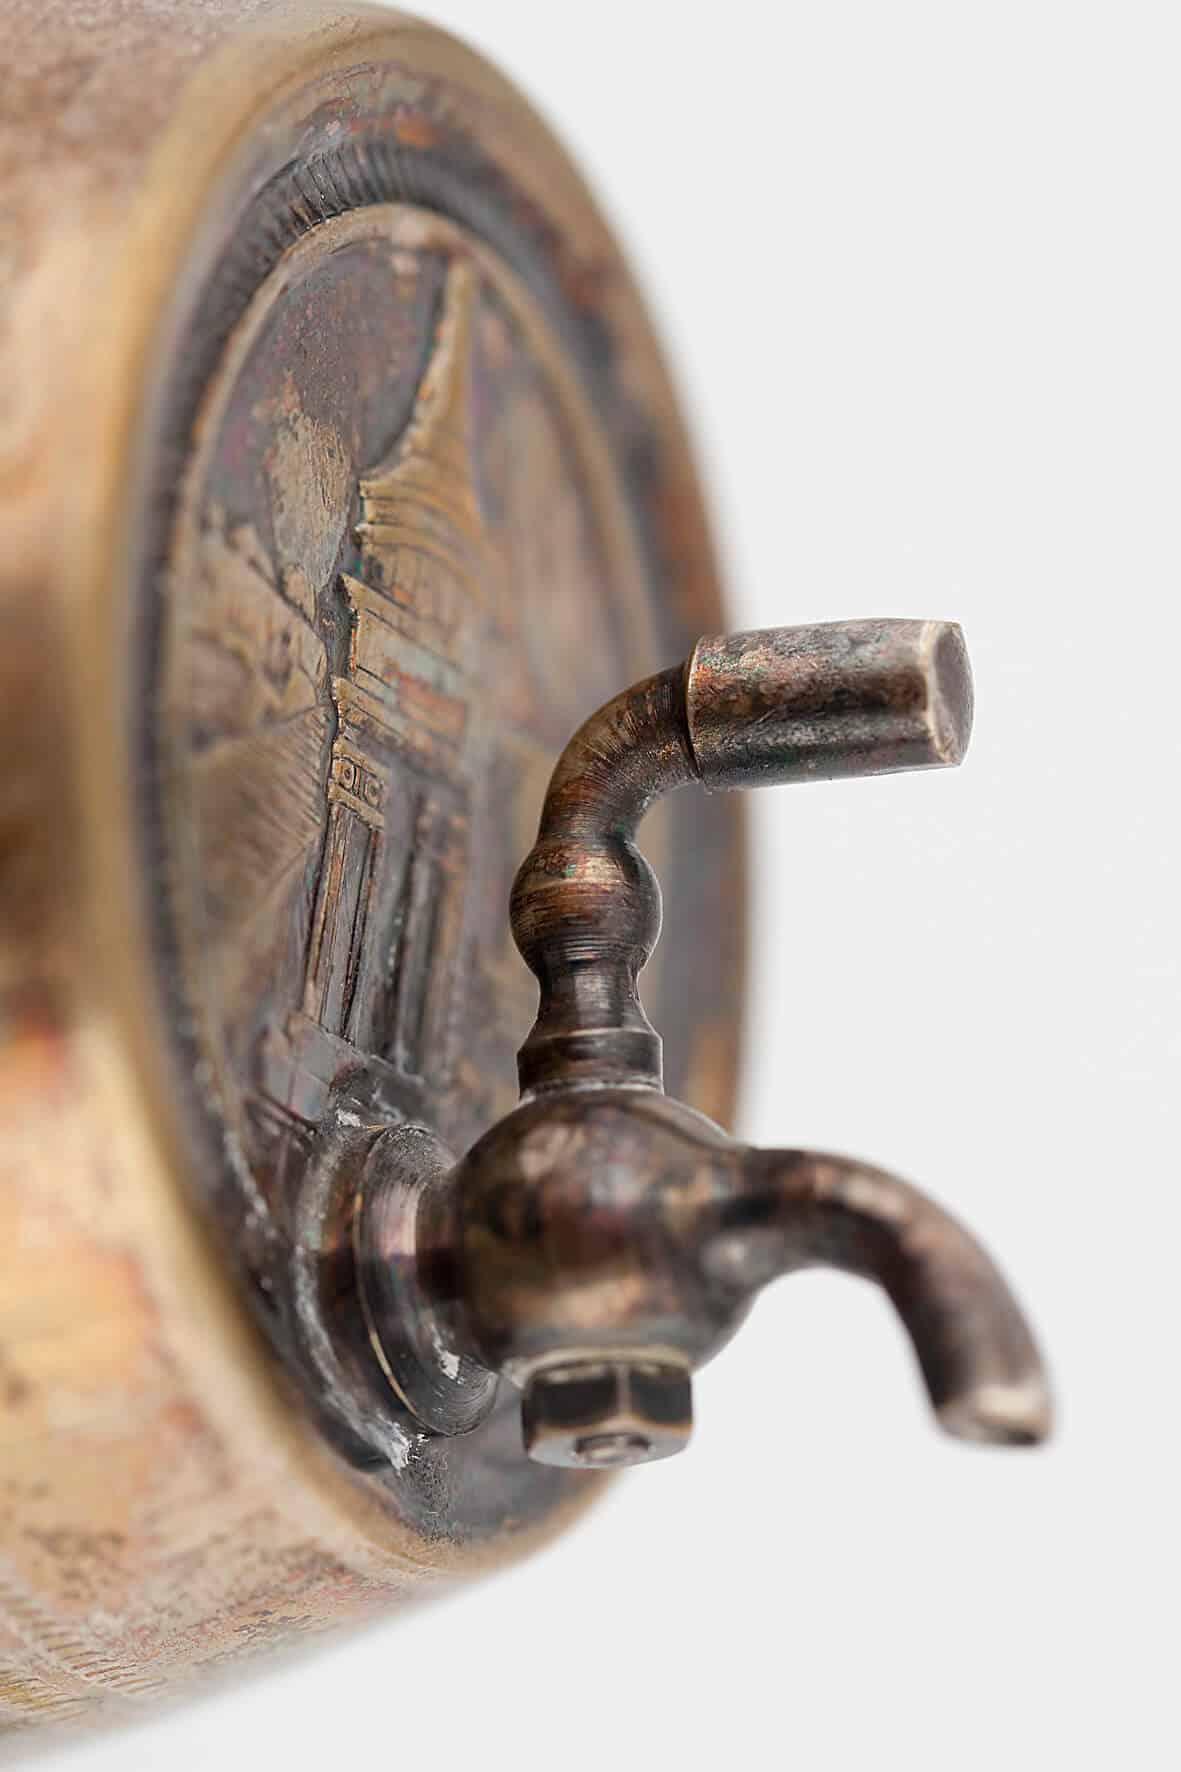 КБ 436-440 | Фляга для коньяка «Бочонок» с сервизом | Музей самоваров и бульоток